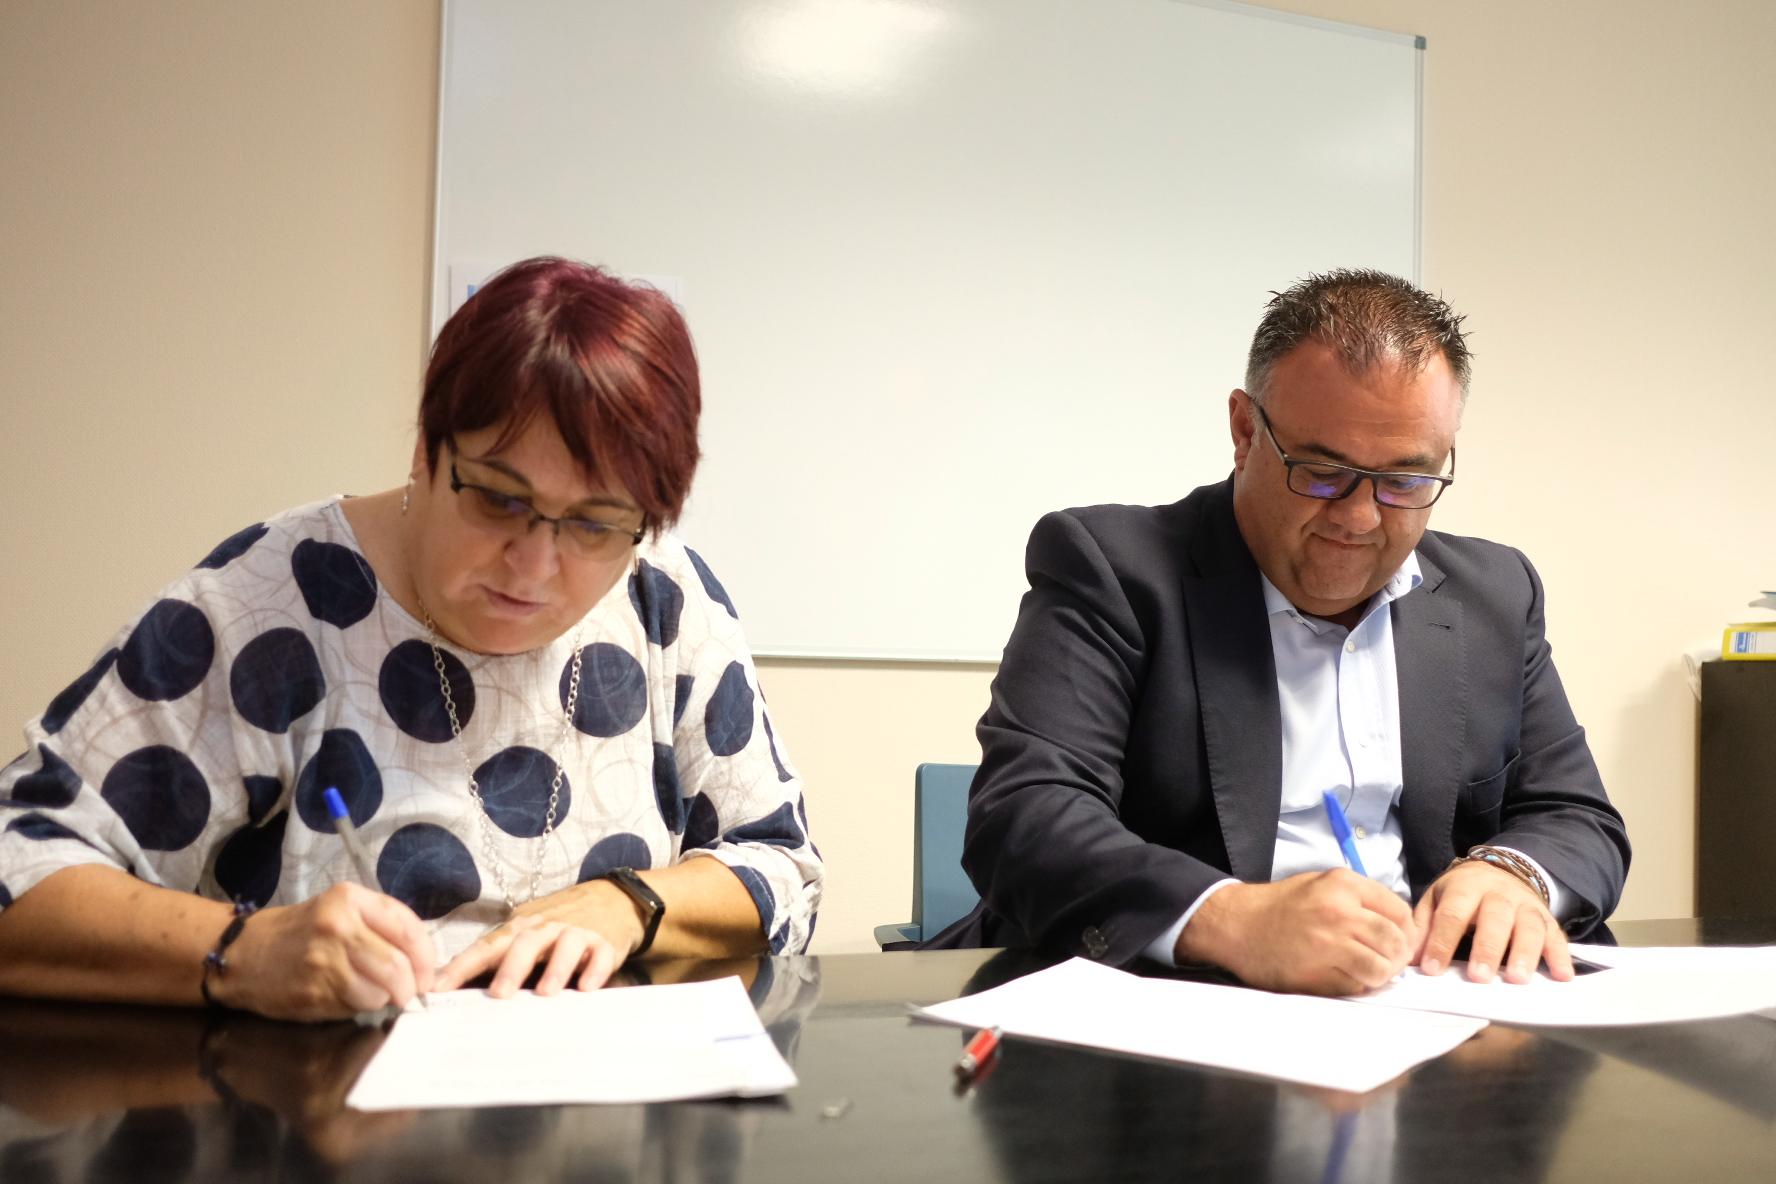 Conrado Domínguez y María Isabel Laucirica firman en Fuerteventura los convenios de colaboración que regularán el desarrollo de los proyectos Primer impacto y Carrito solidario.